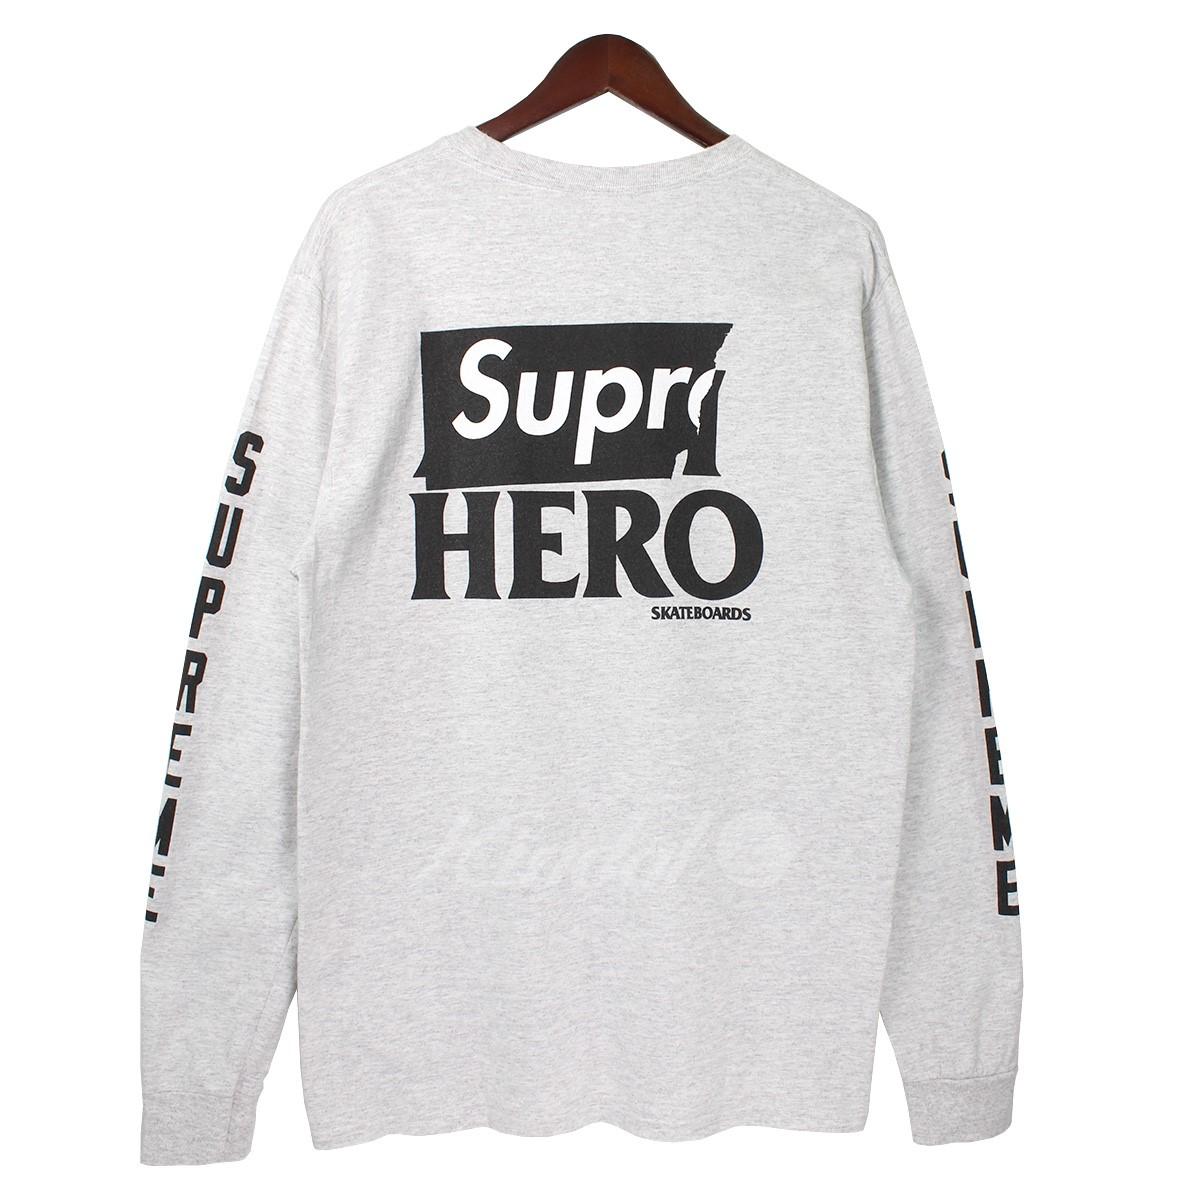 【中古】SUPREME 14SS L/S Logo tee バックロゴロングスリーブTシャツ グレー サイズ:M 【送料無料】 【280818】(シュプリーム)